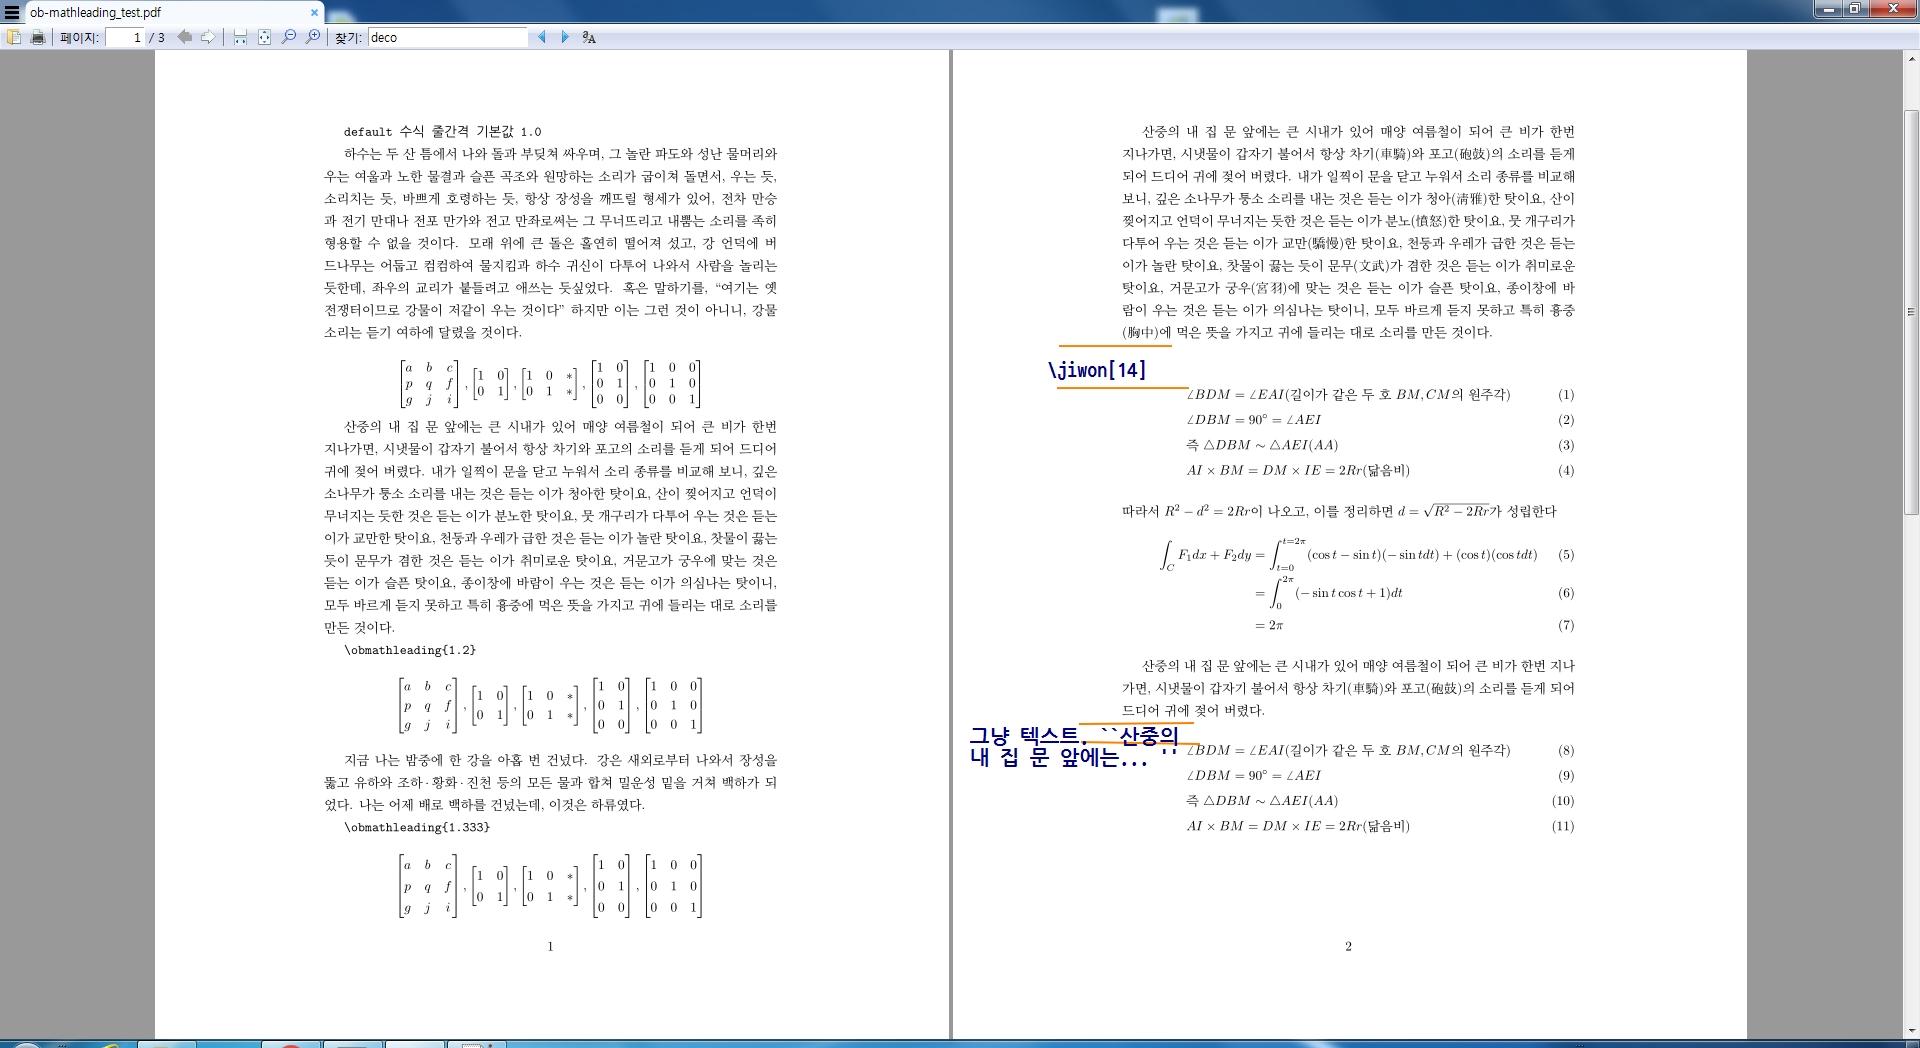 ob-mathleading.jpg